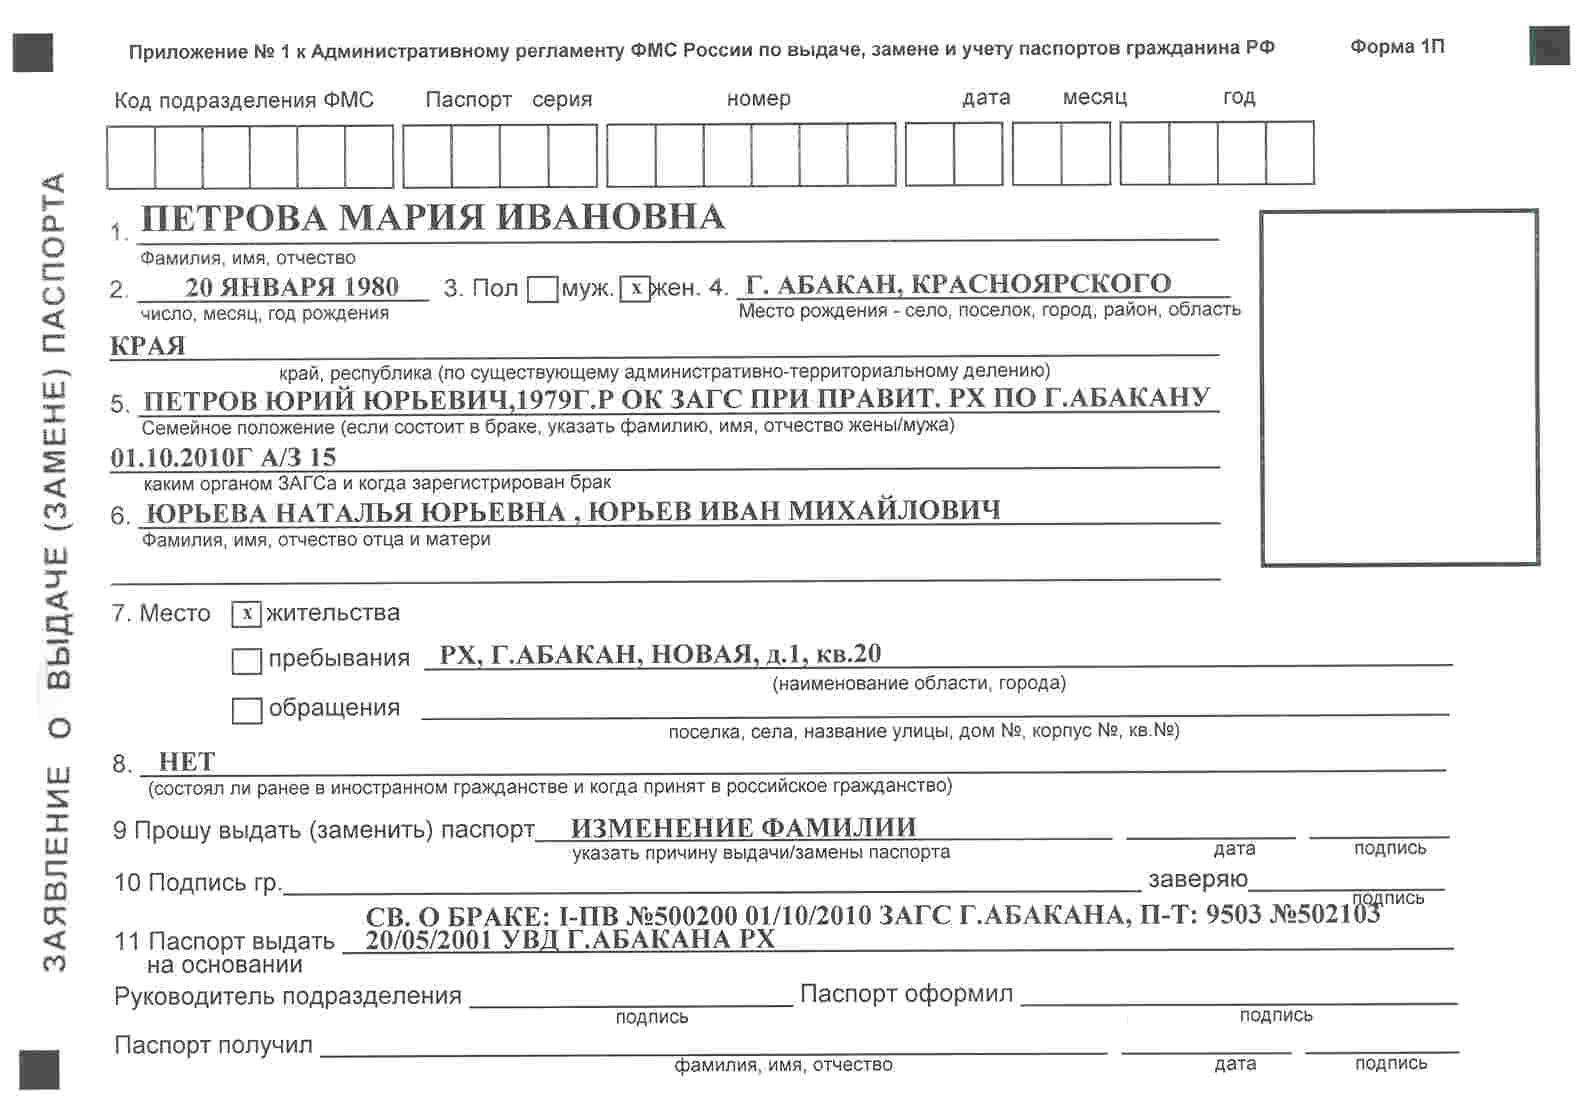 Заявление о выдаче паспорта